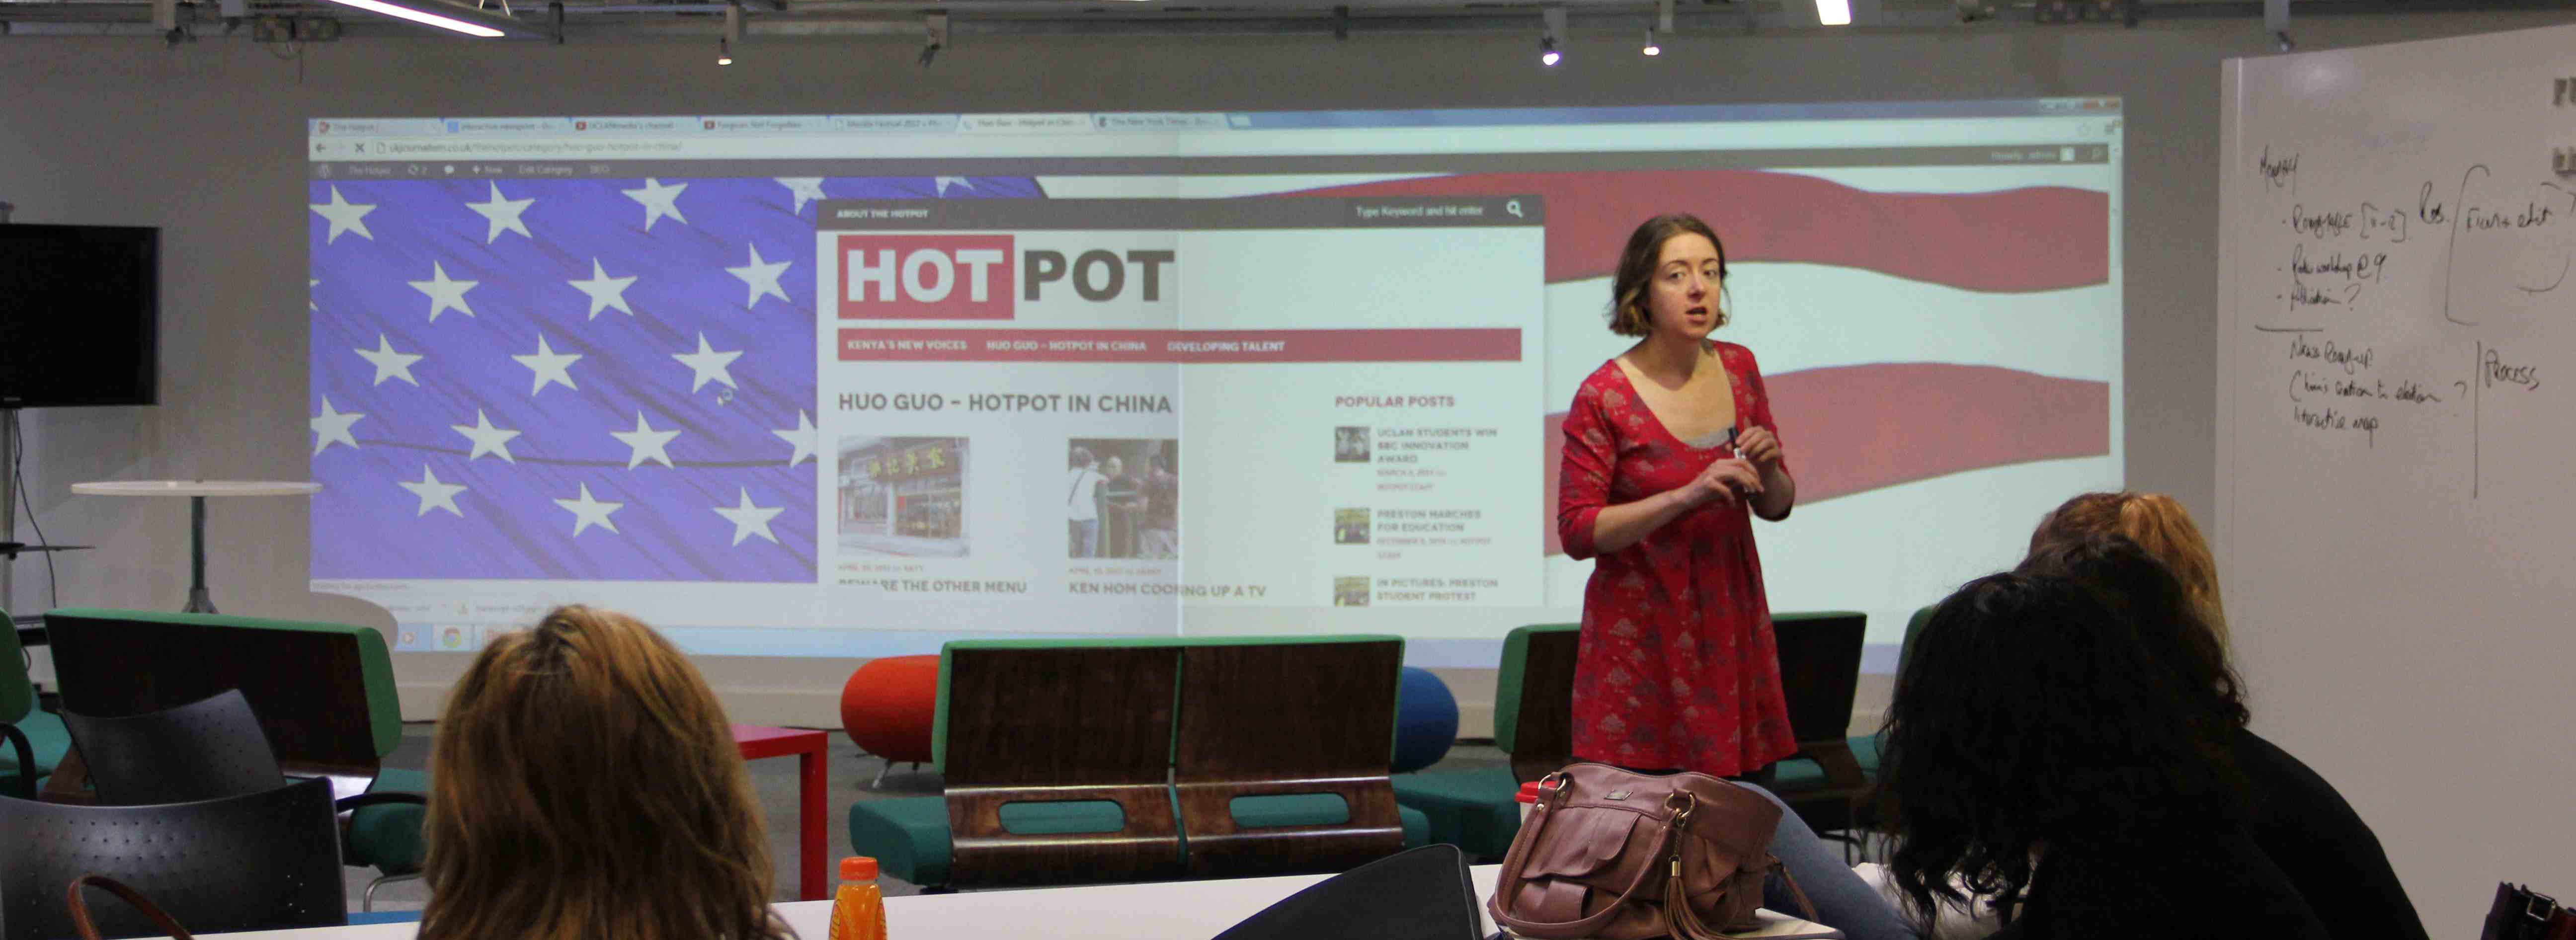 Media Innovation Studio serves up HotPot